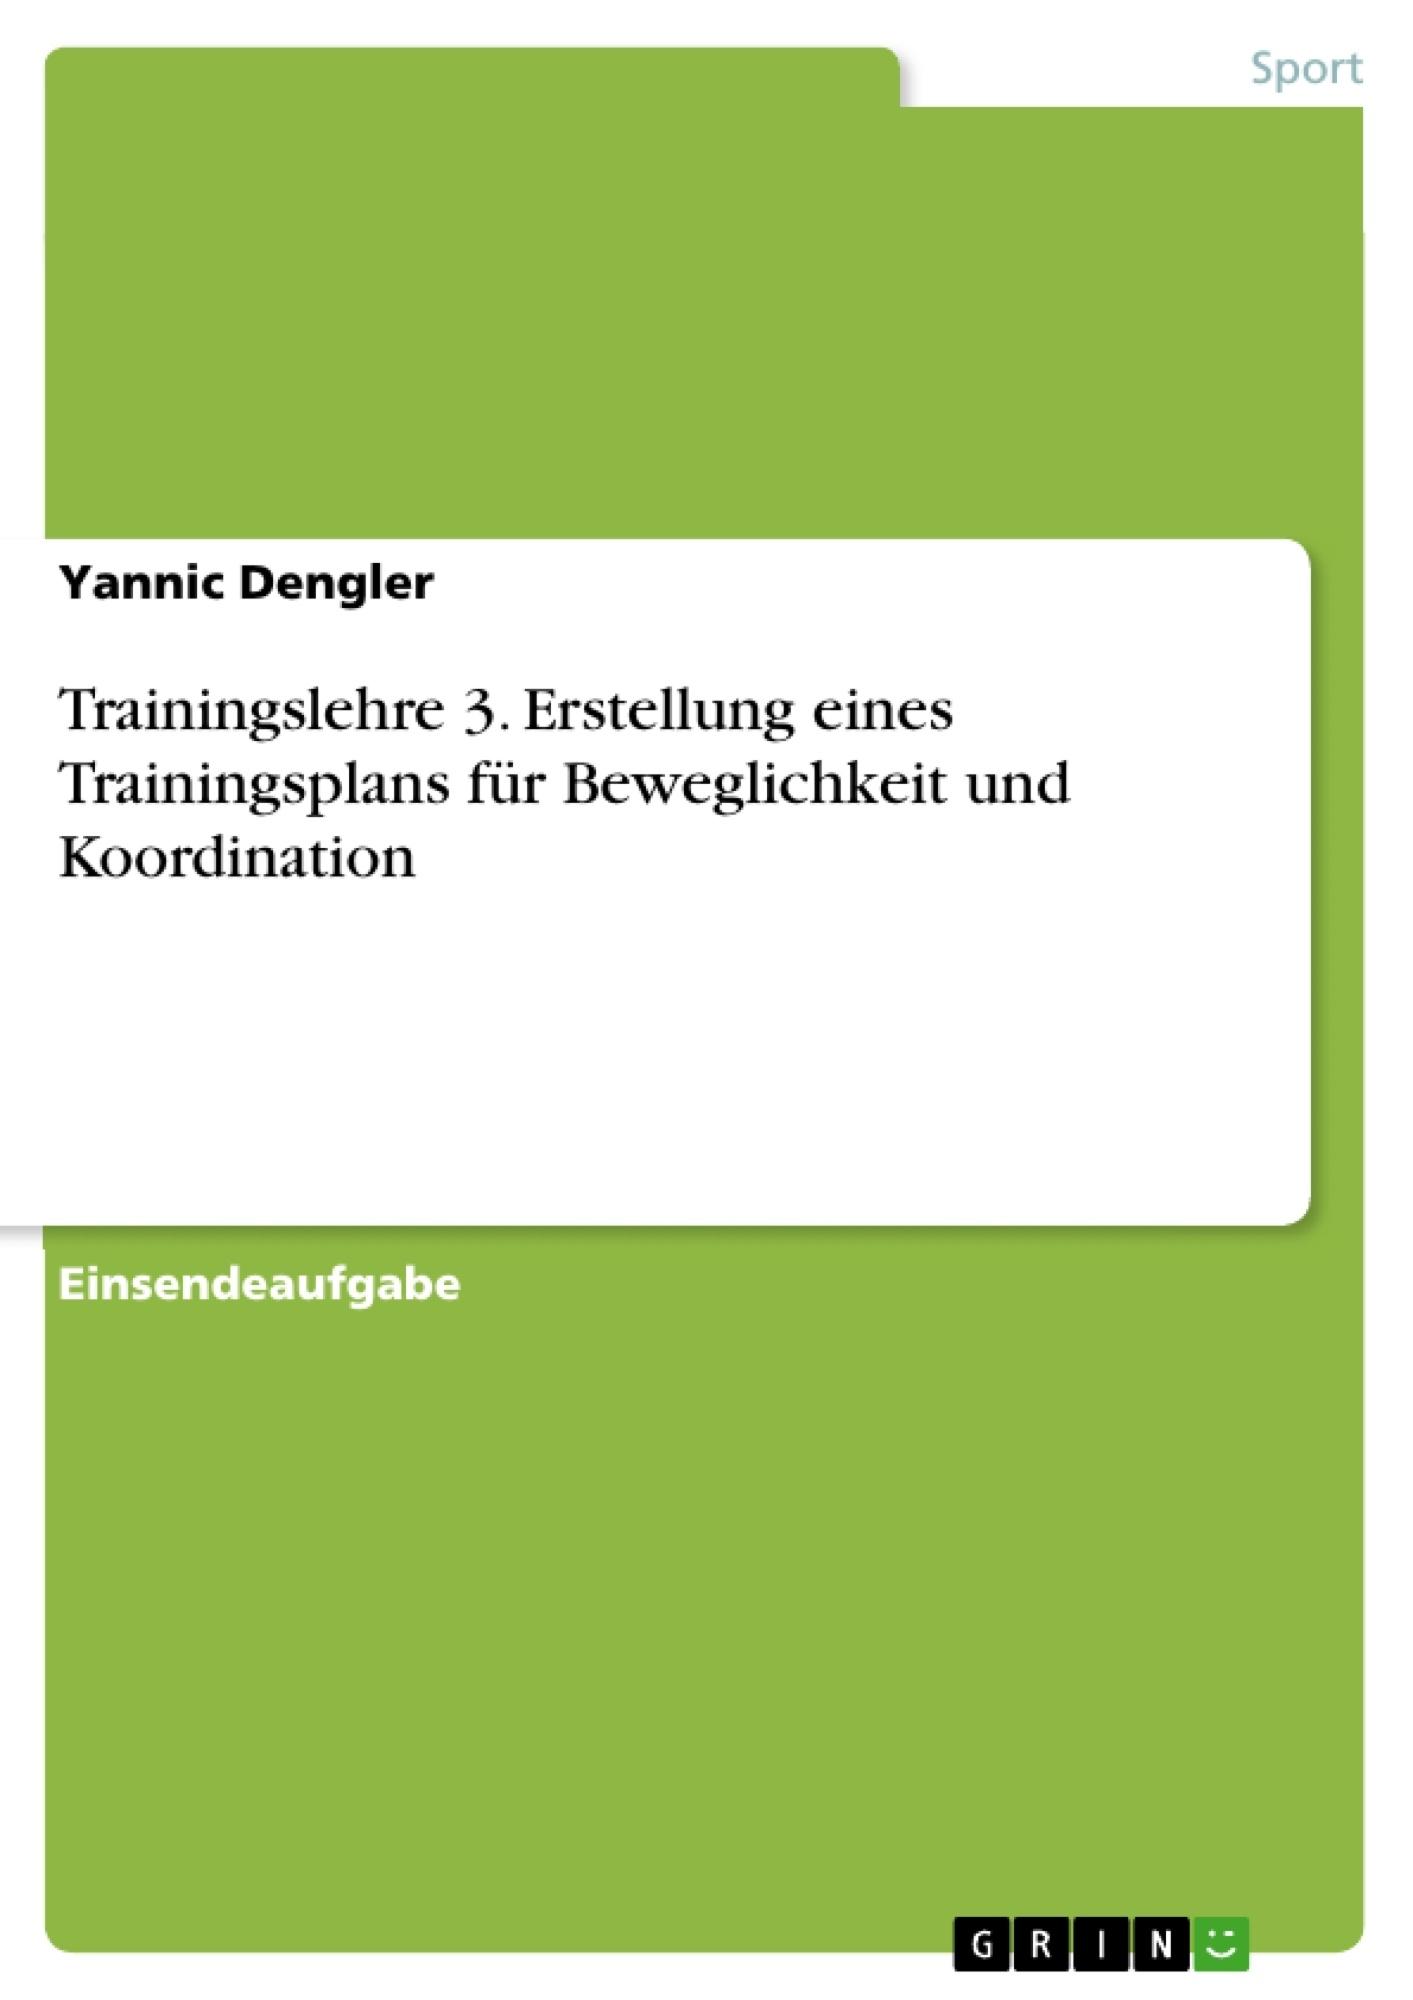 Titel: Trainingslehre 3. Erstellung eines Trainingsplans für Beweglichkeit und Koordination